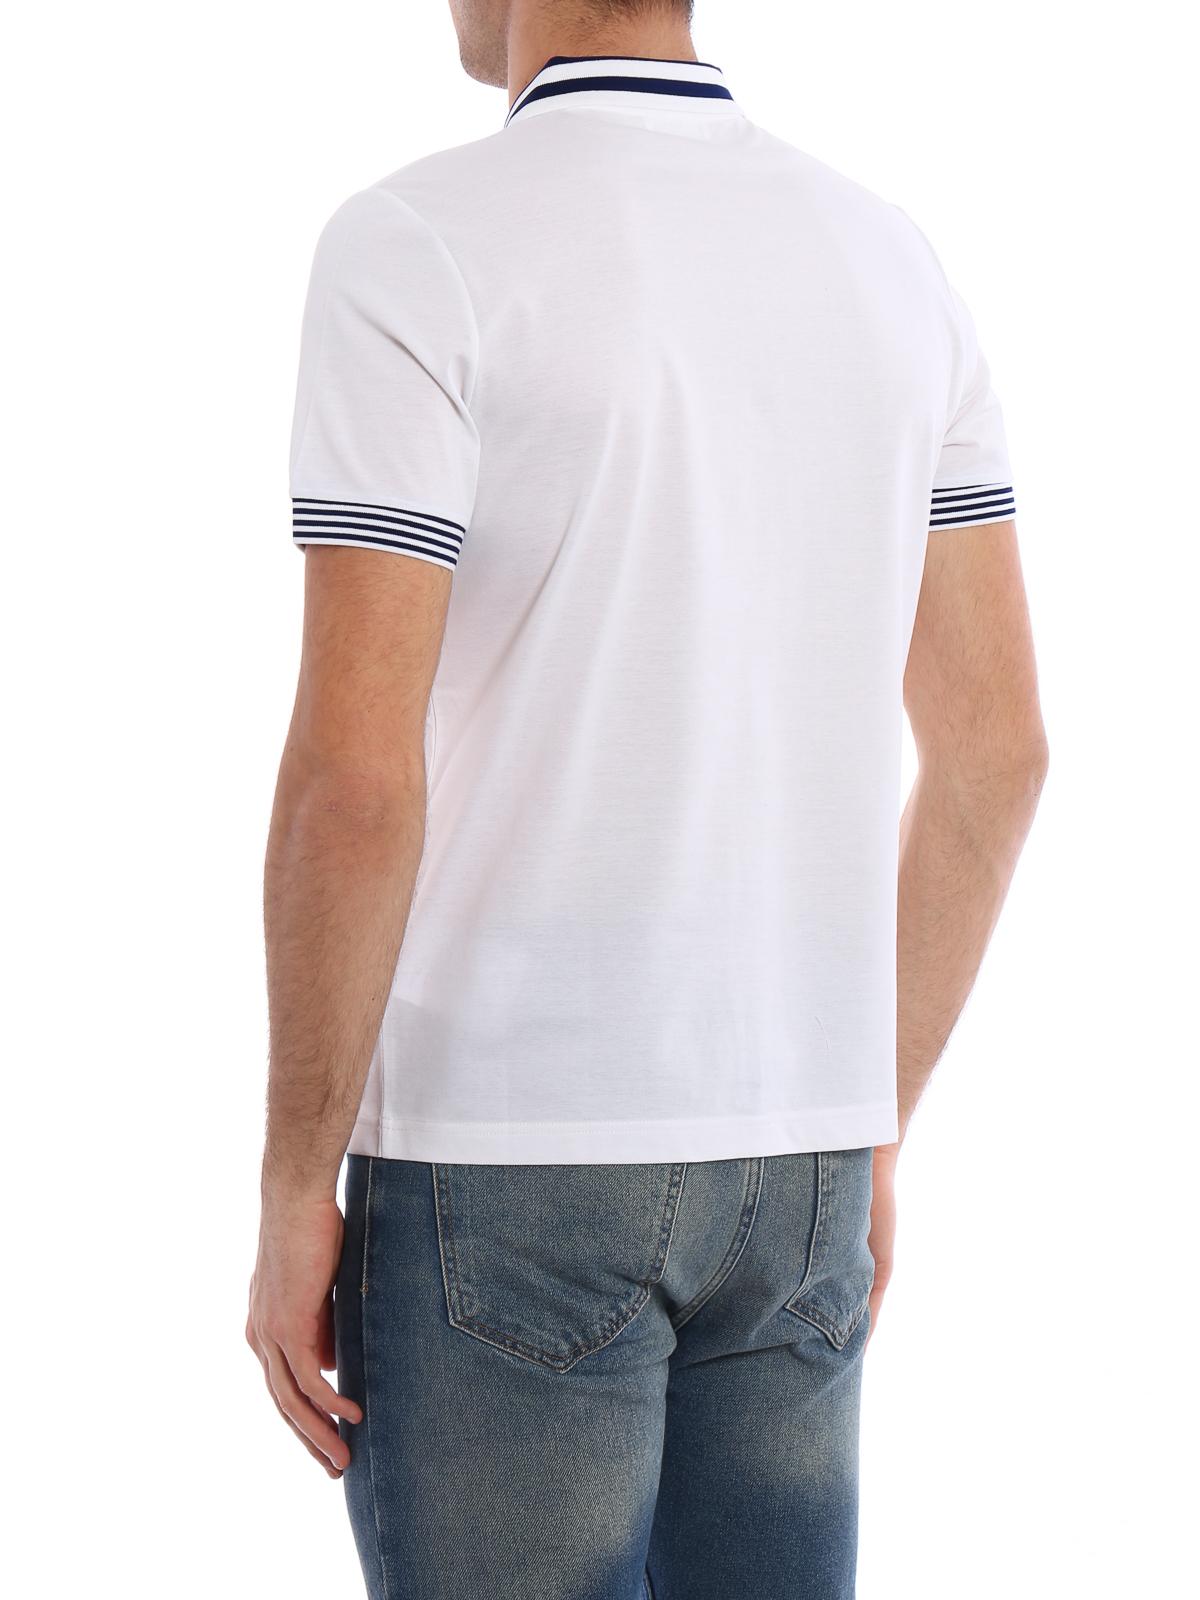 326f6436a7732 Prada - Polo Blanc Pour Homme - Polos - UJN380XGSF0C63